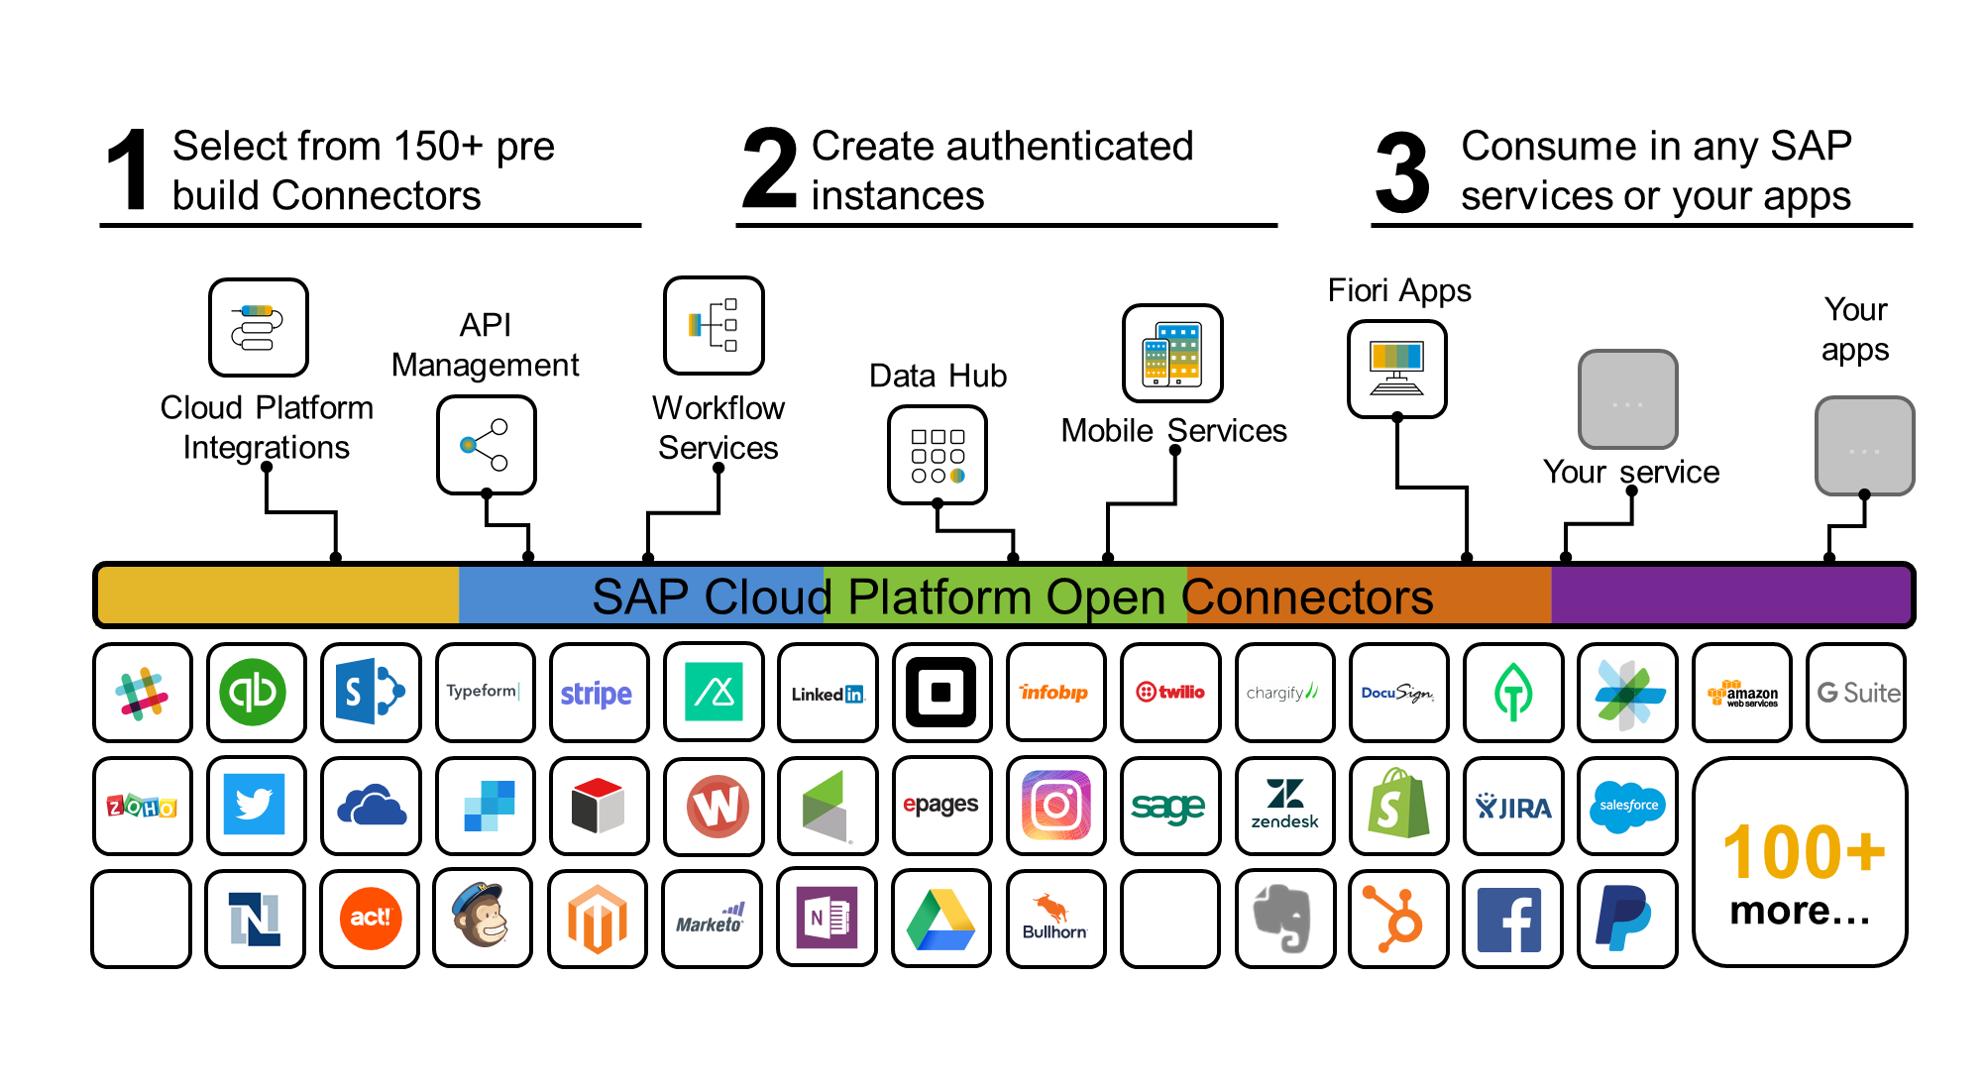 SAP Cloud Platform Open Connectors | SAP Cloud Platform